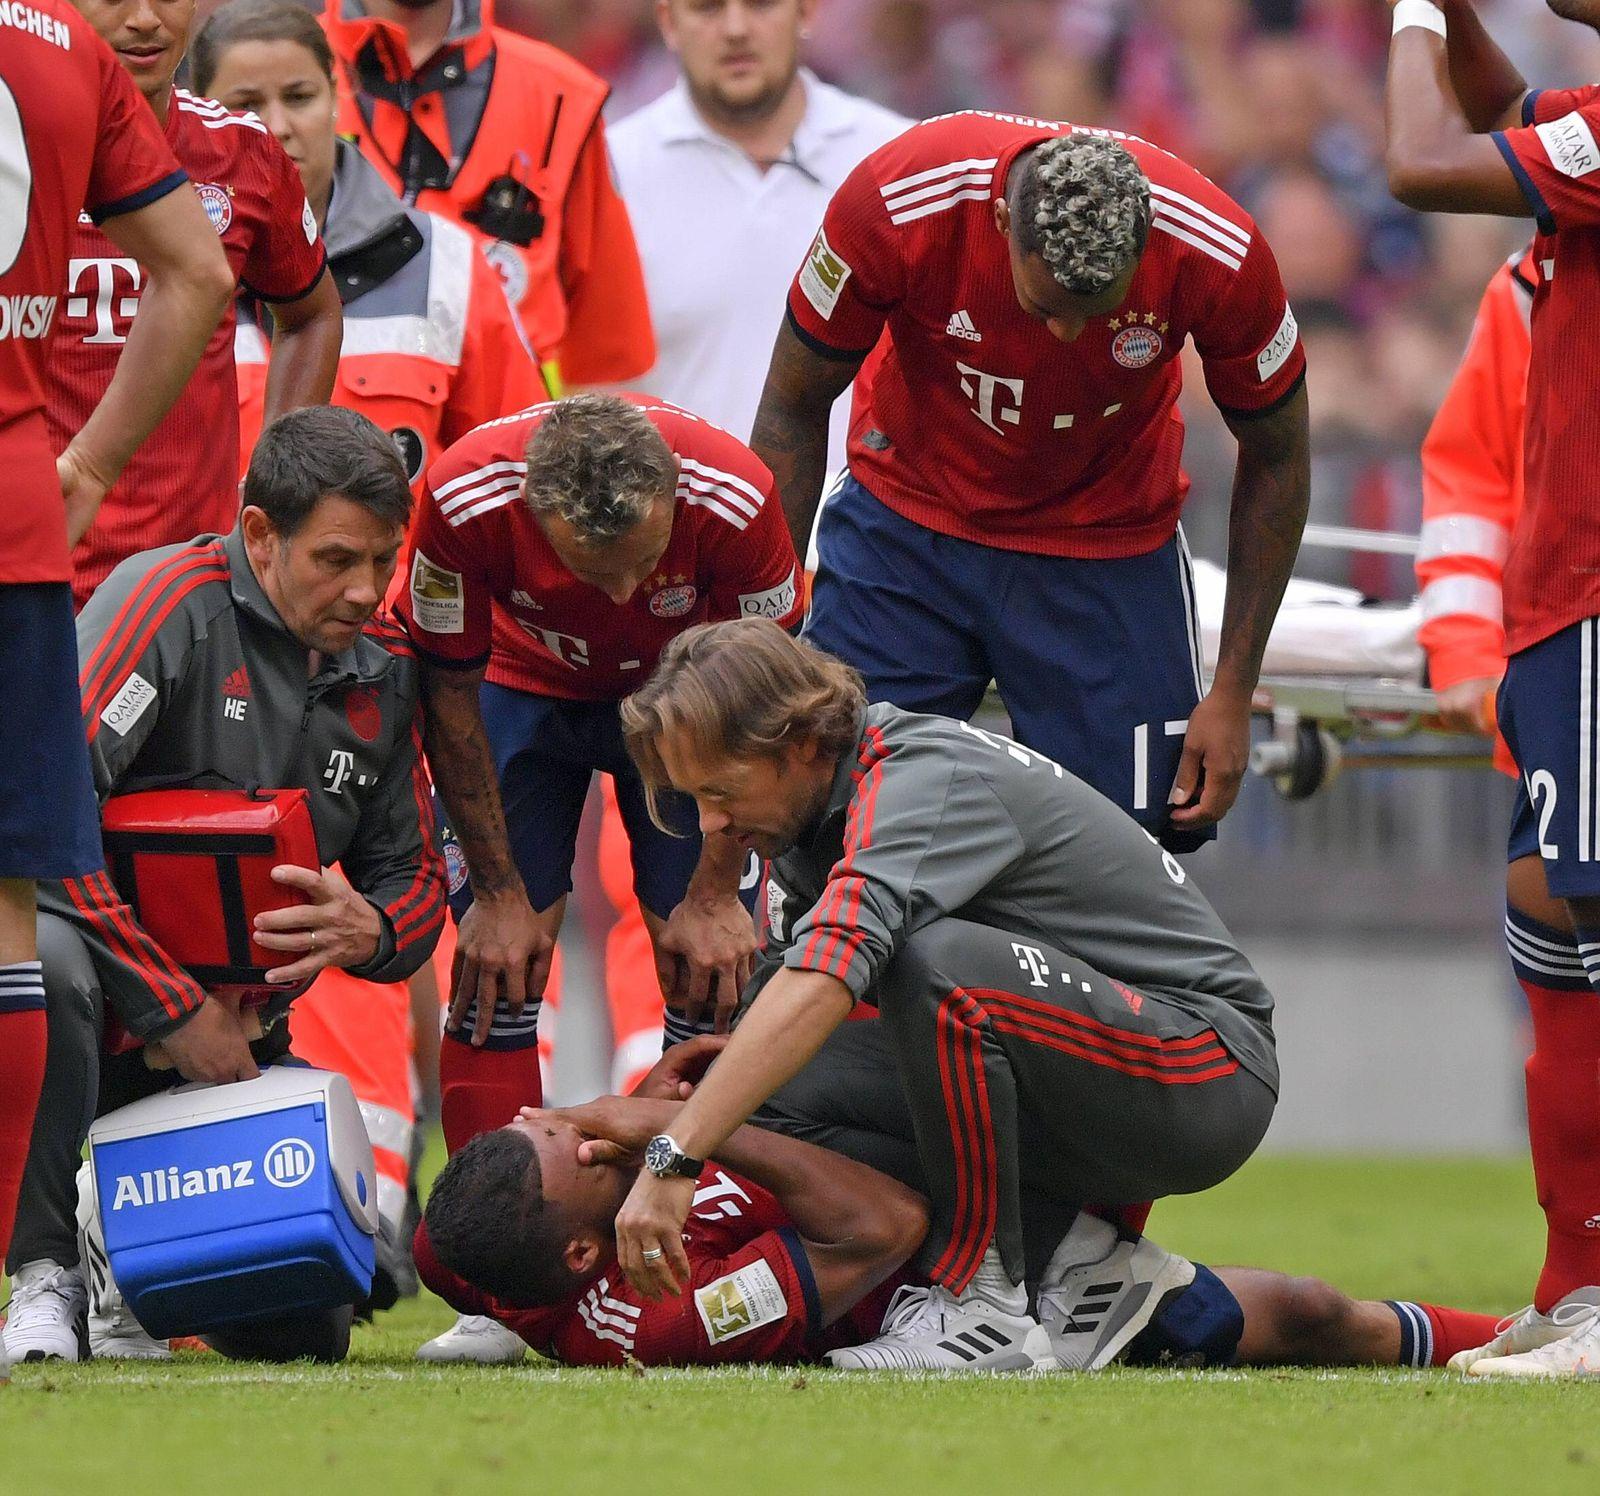 15 09 2018 Fussball 1 Bundesliga 2018 2019 3 Spieltag FC Bayern München Bayer Leverkusen in